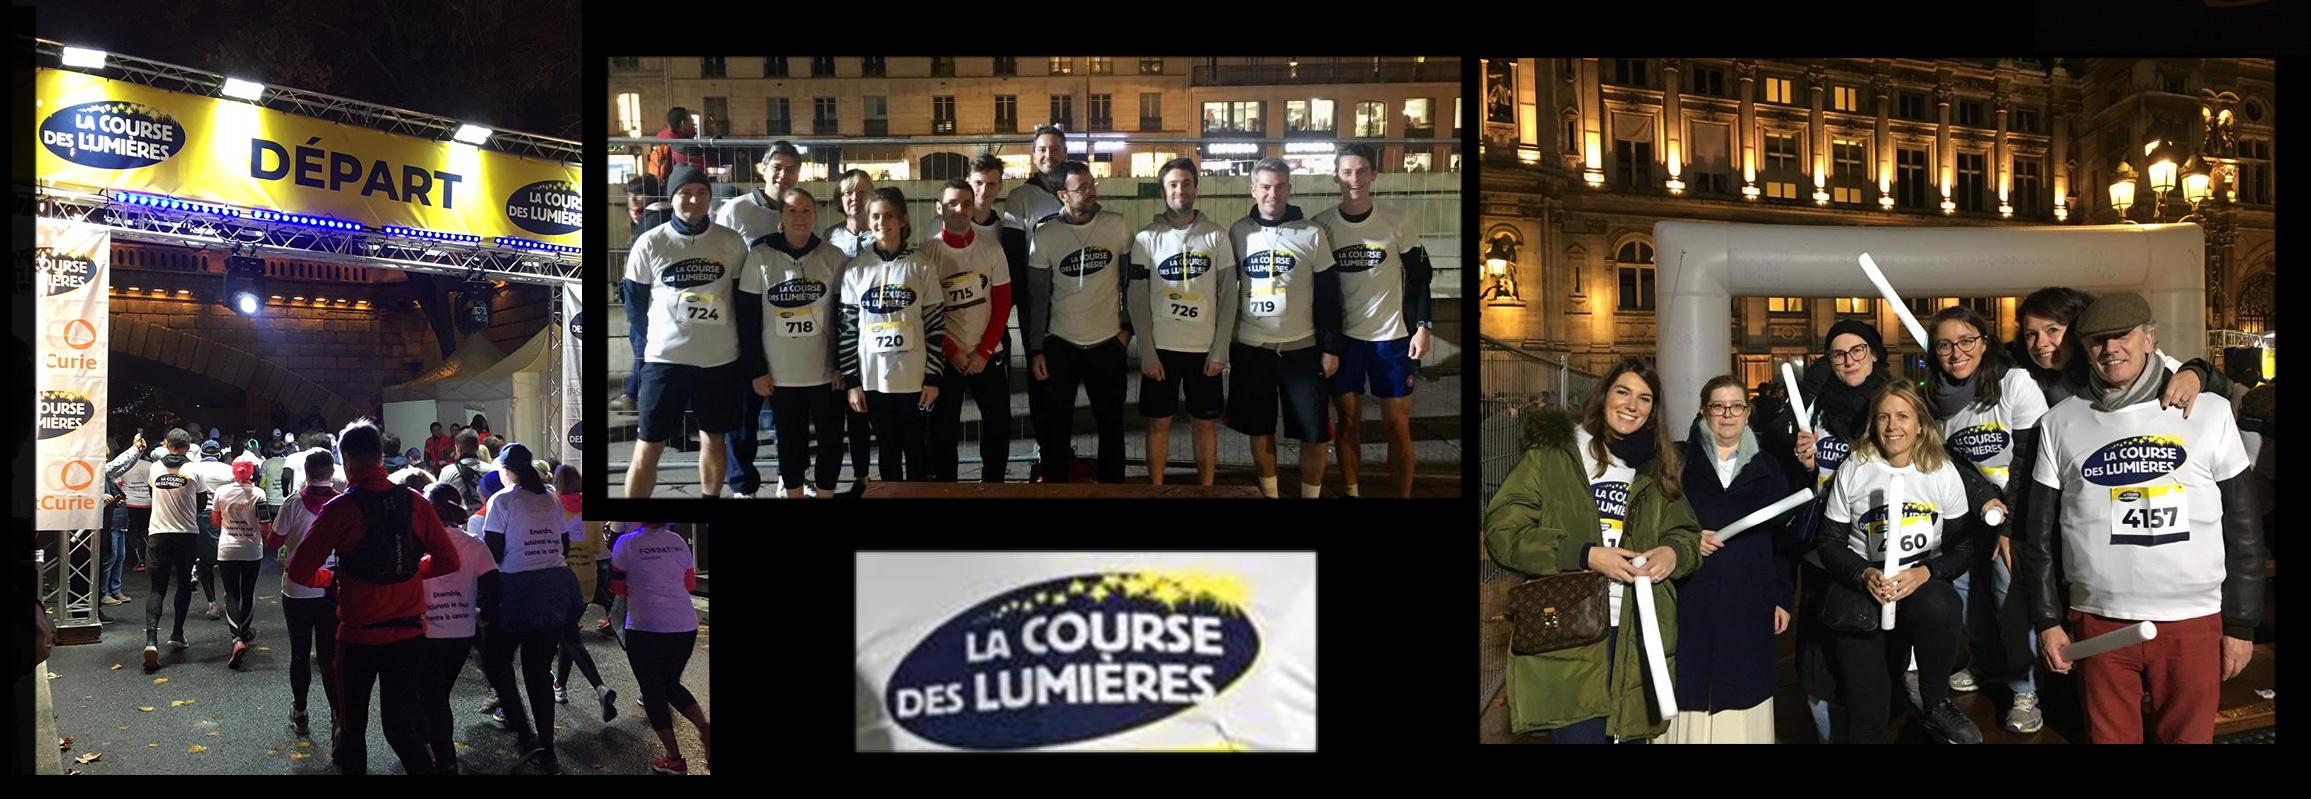 Montpensier Finance a participé pour la 2ème fois à la Course des Lumières!